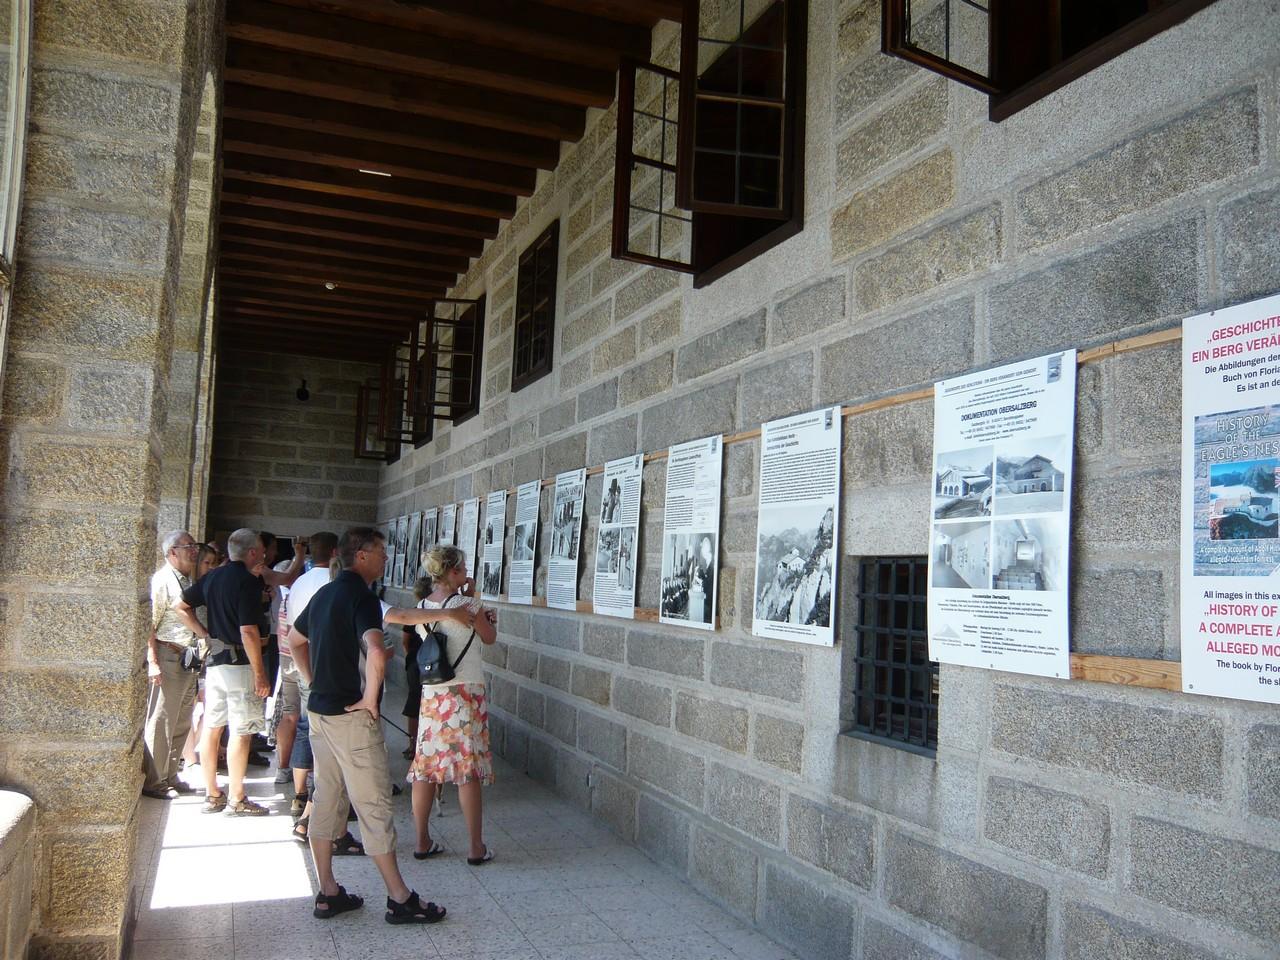 Zahranicni_exkurze_Dachau_Orli_Hnizdo15